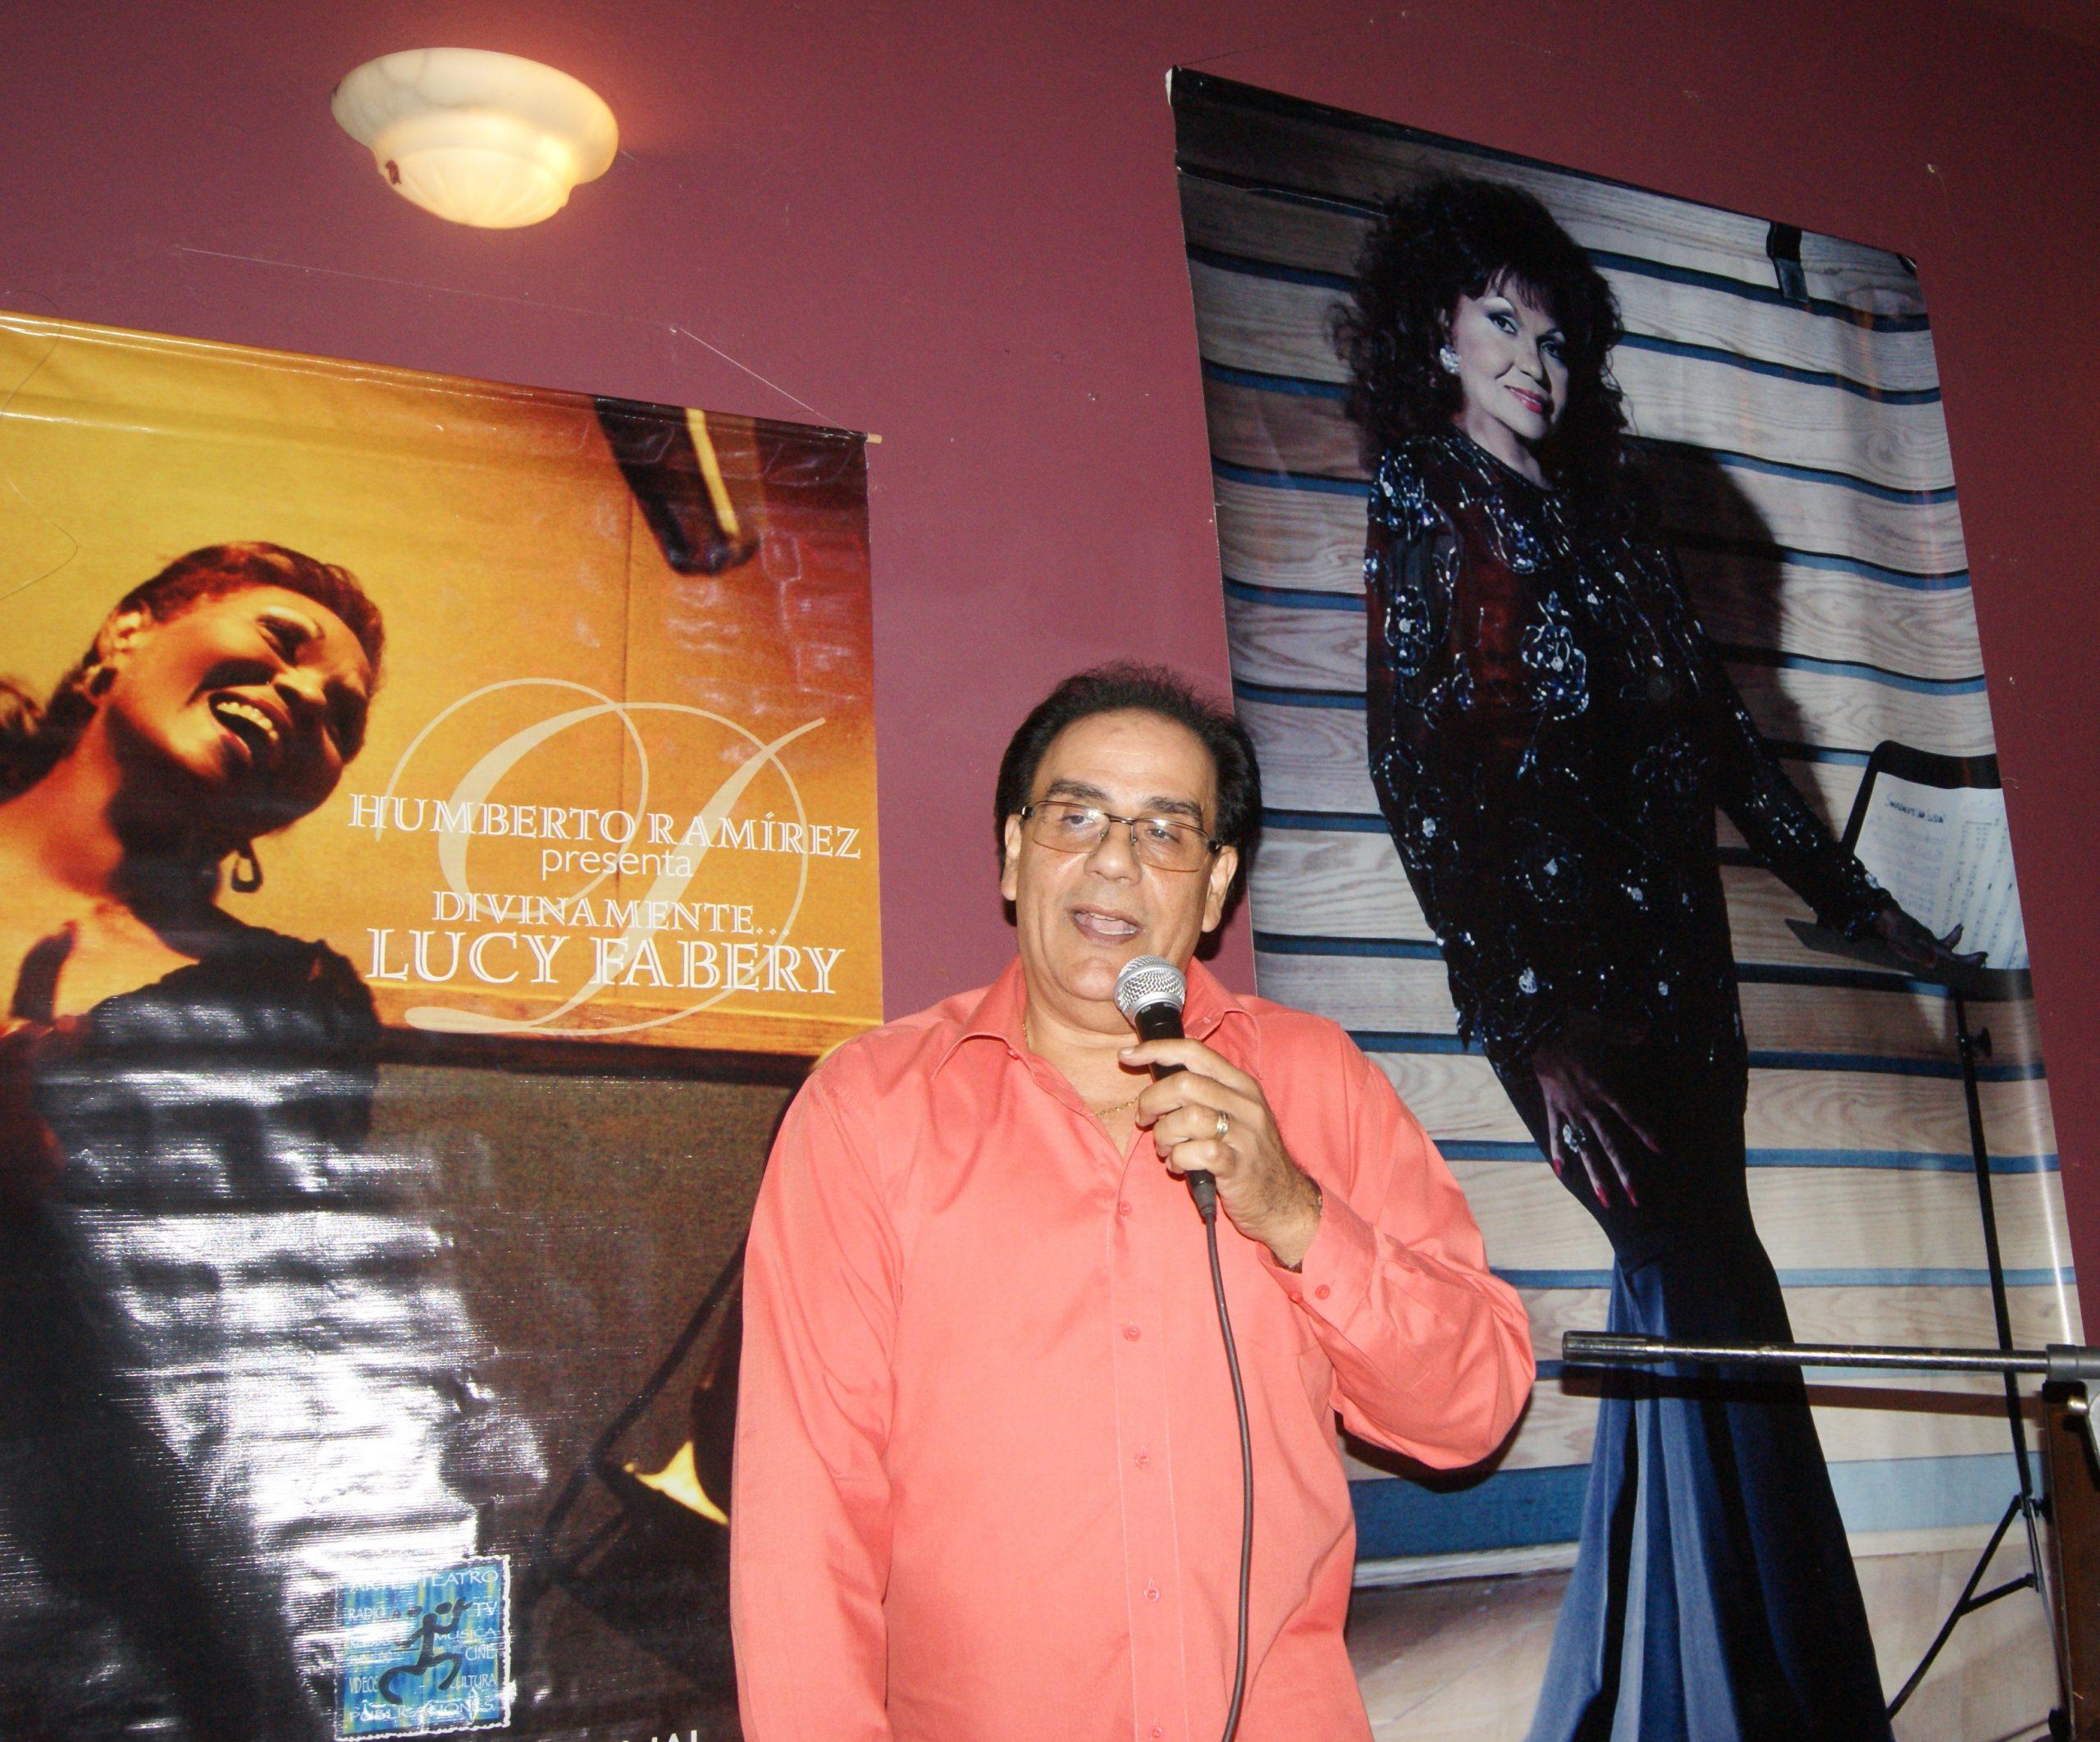 Edgardo Huertas rememoró cómo la artista siempre se dio su lugar. (Foto Luis Ernesto Berríos para Fundación Nacional para la Cultura Popular)